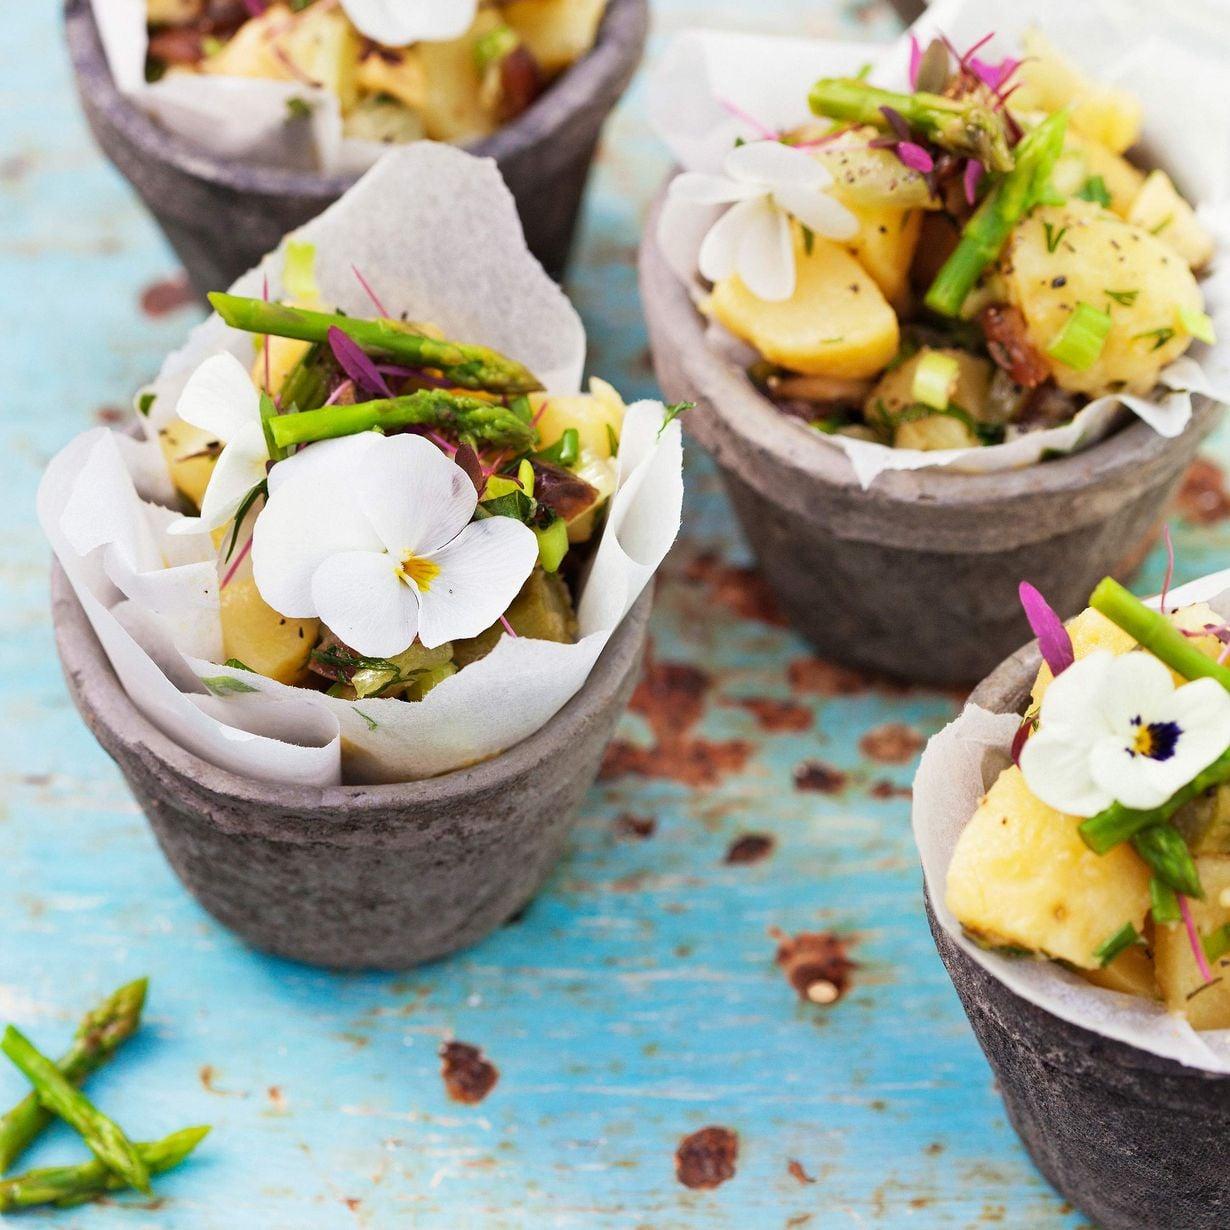 Keväinen parsa-perunasalaatti tarjotaan pienistä voipaperilla vuoratuista ruukuista –kukkasenkeveällä koristelulla.